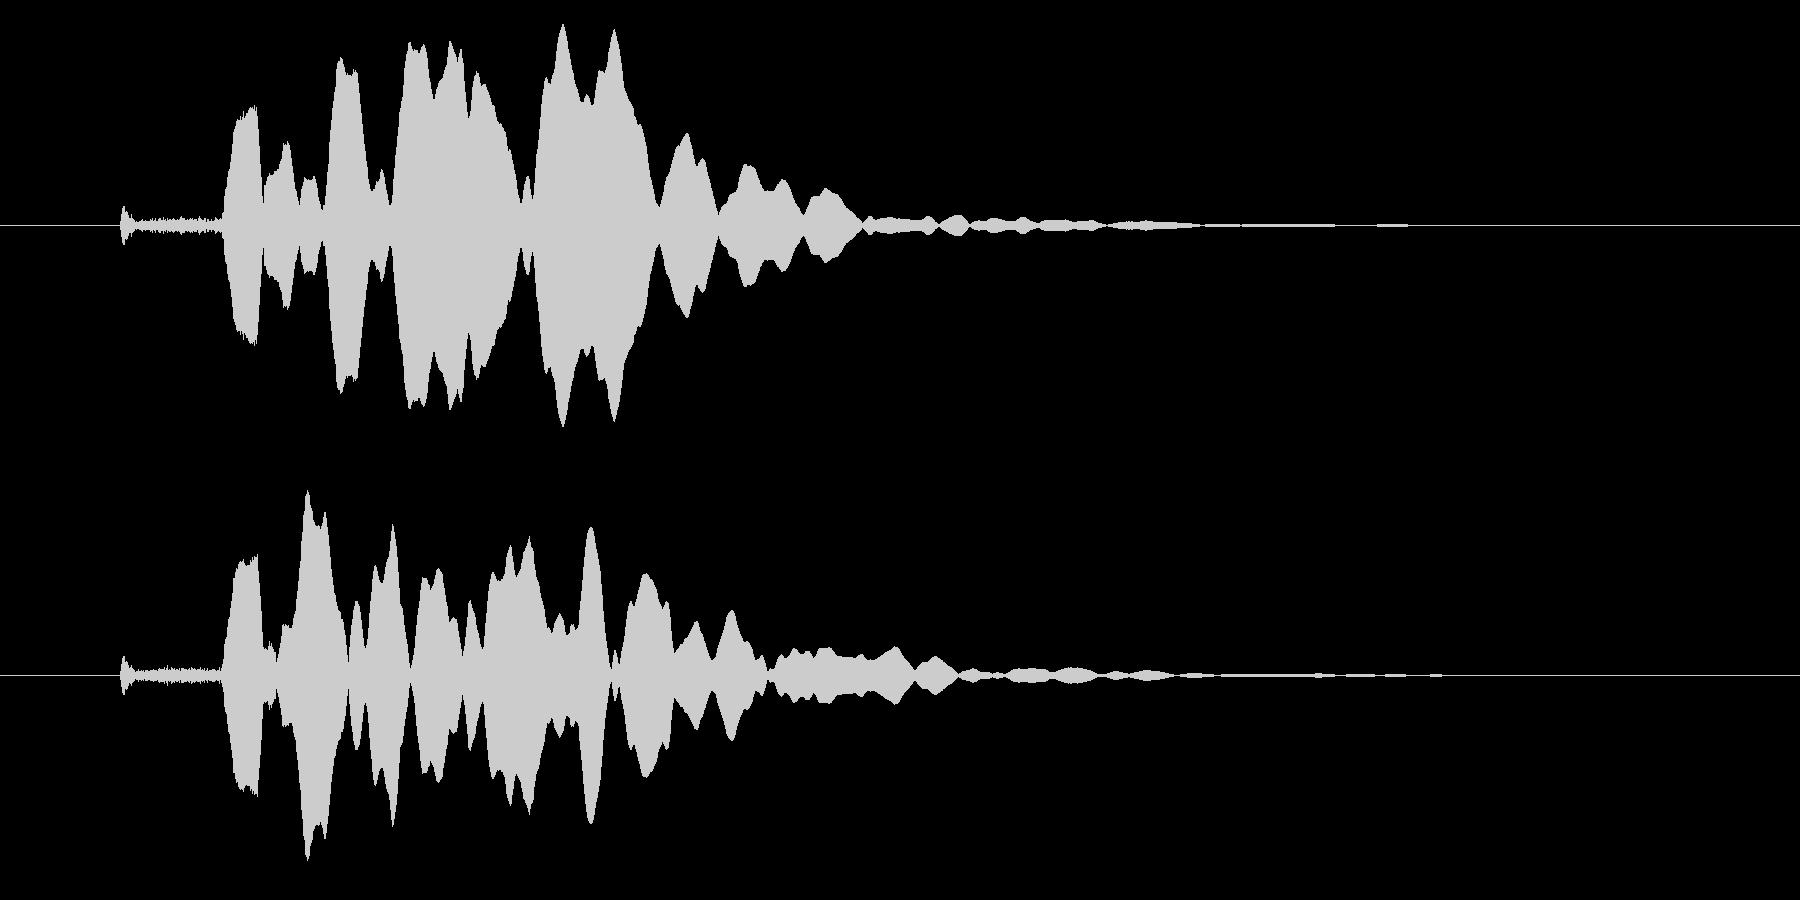 改札 ビープ音01-12(音色1 遠)の未再生の波形